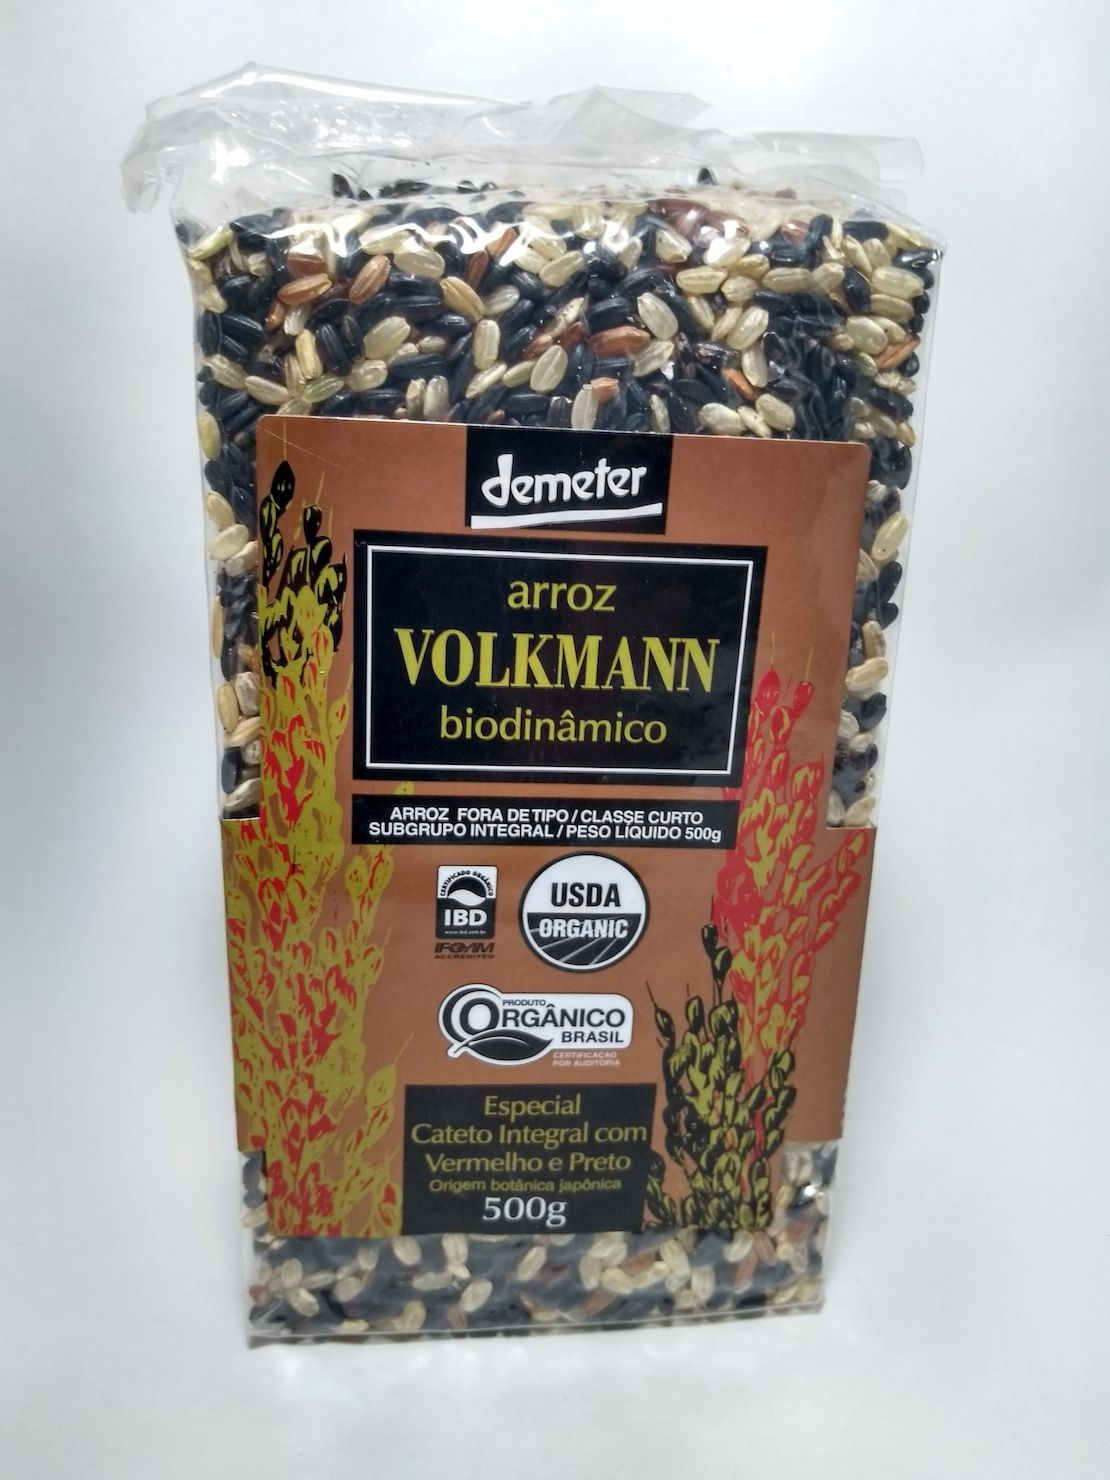 Arroz especial cateto integral com vermelho e preto biodinâmico, 500g – Volkmann